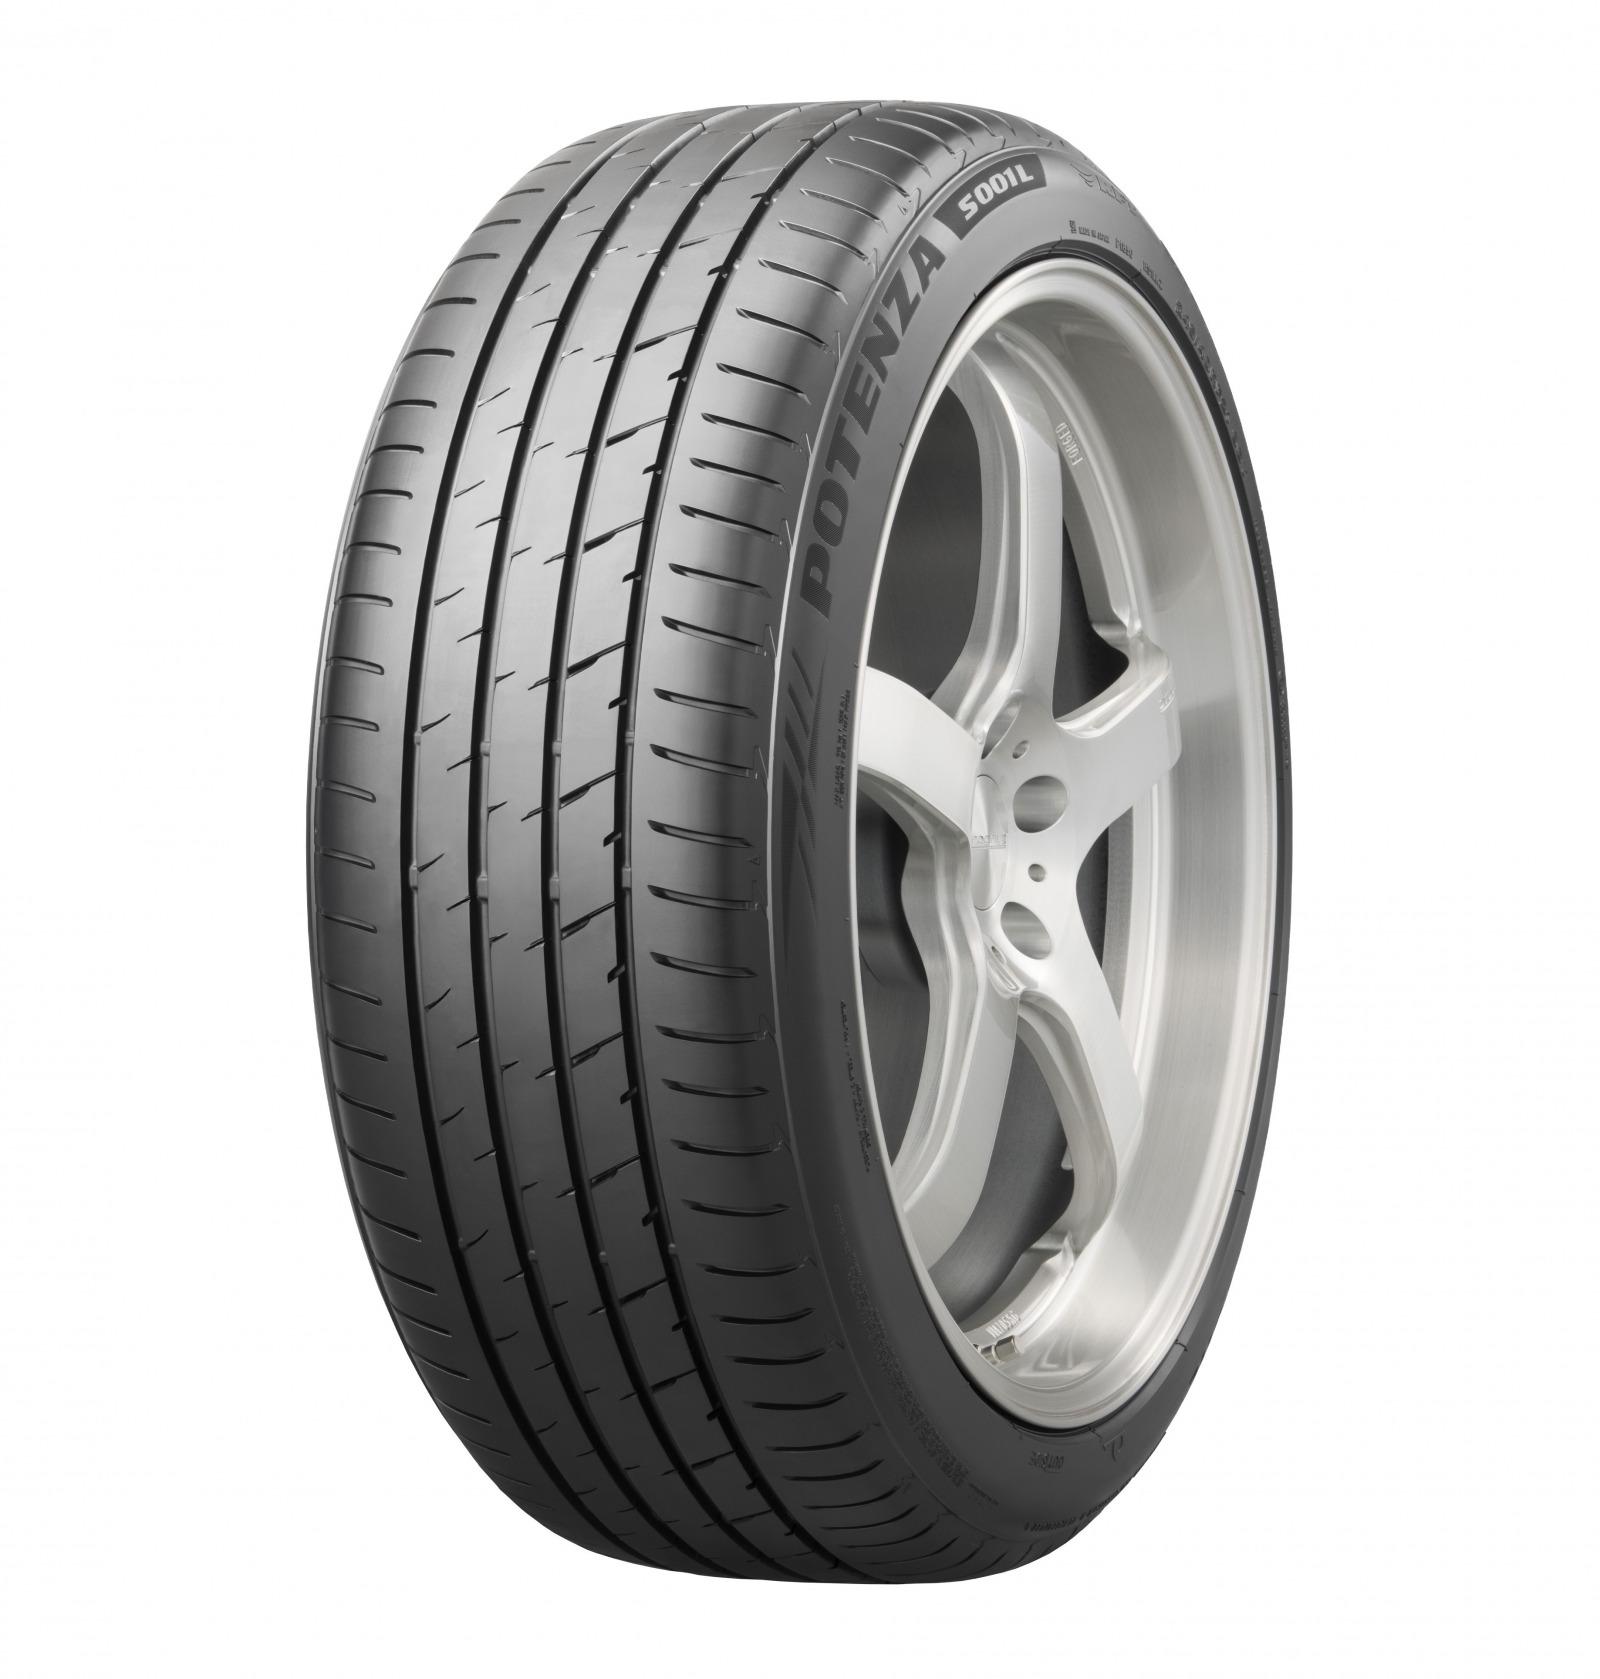 「ブリヂストンが「TURANZA T005 RFT」「POTENZA S001L RFT」をレクサスLC500シリーズのOEタイヤとして納入を開始」の3枚目の画像